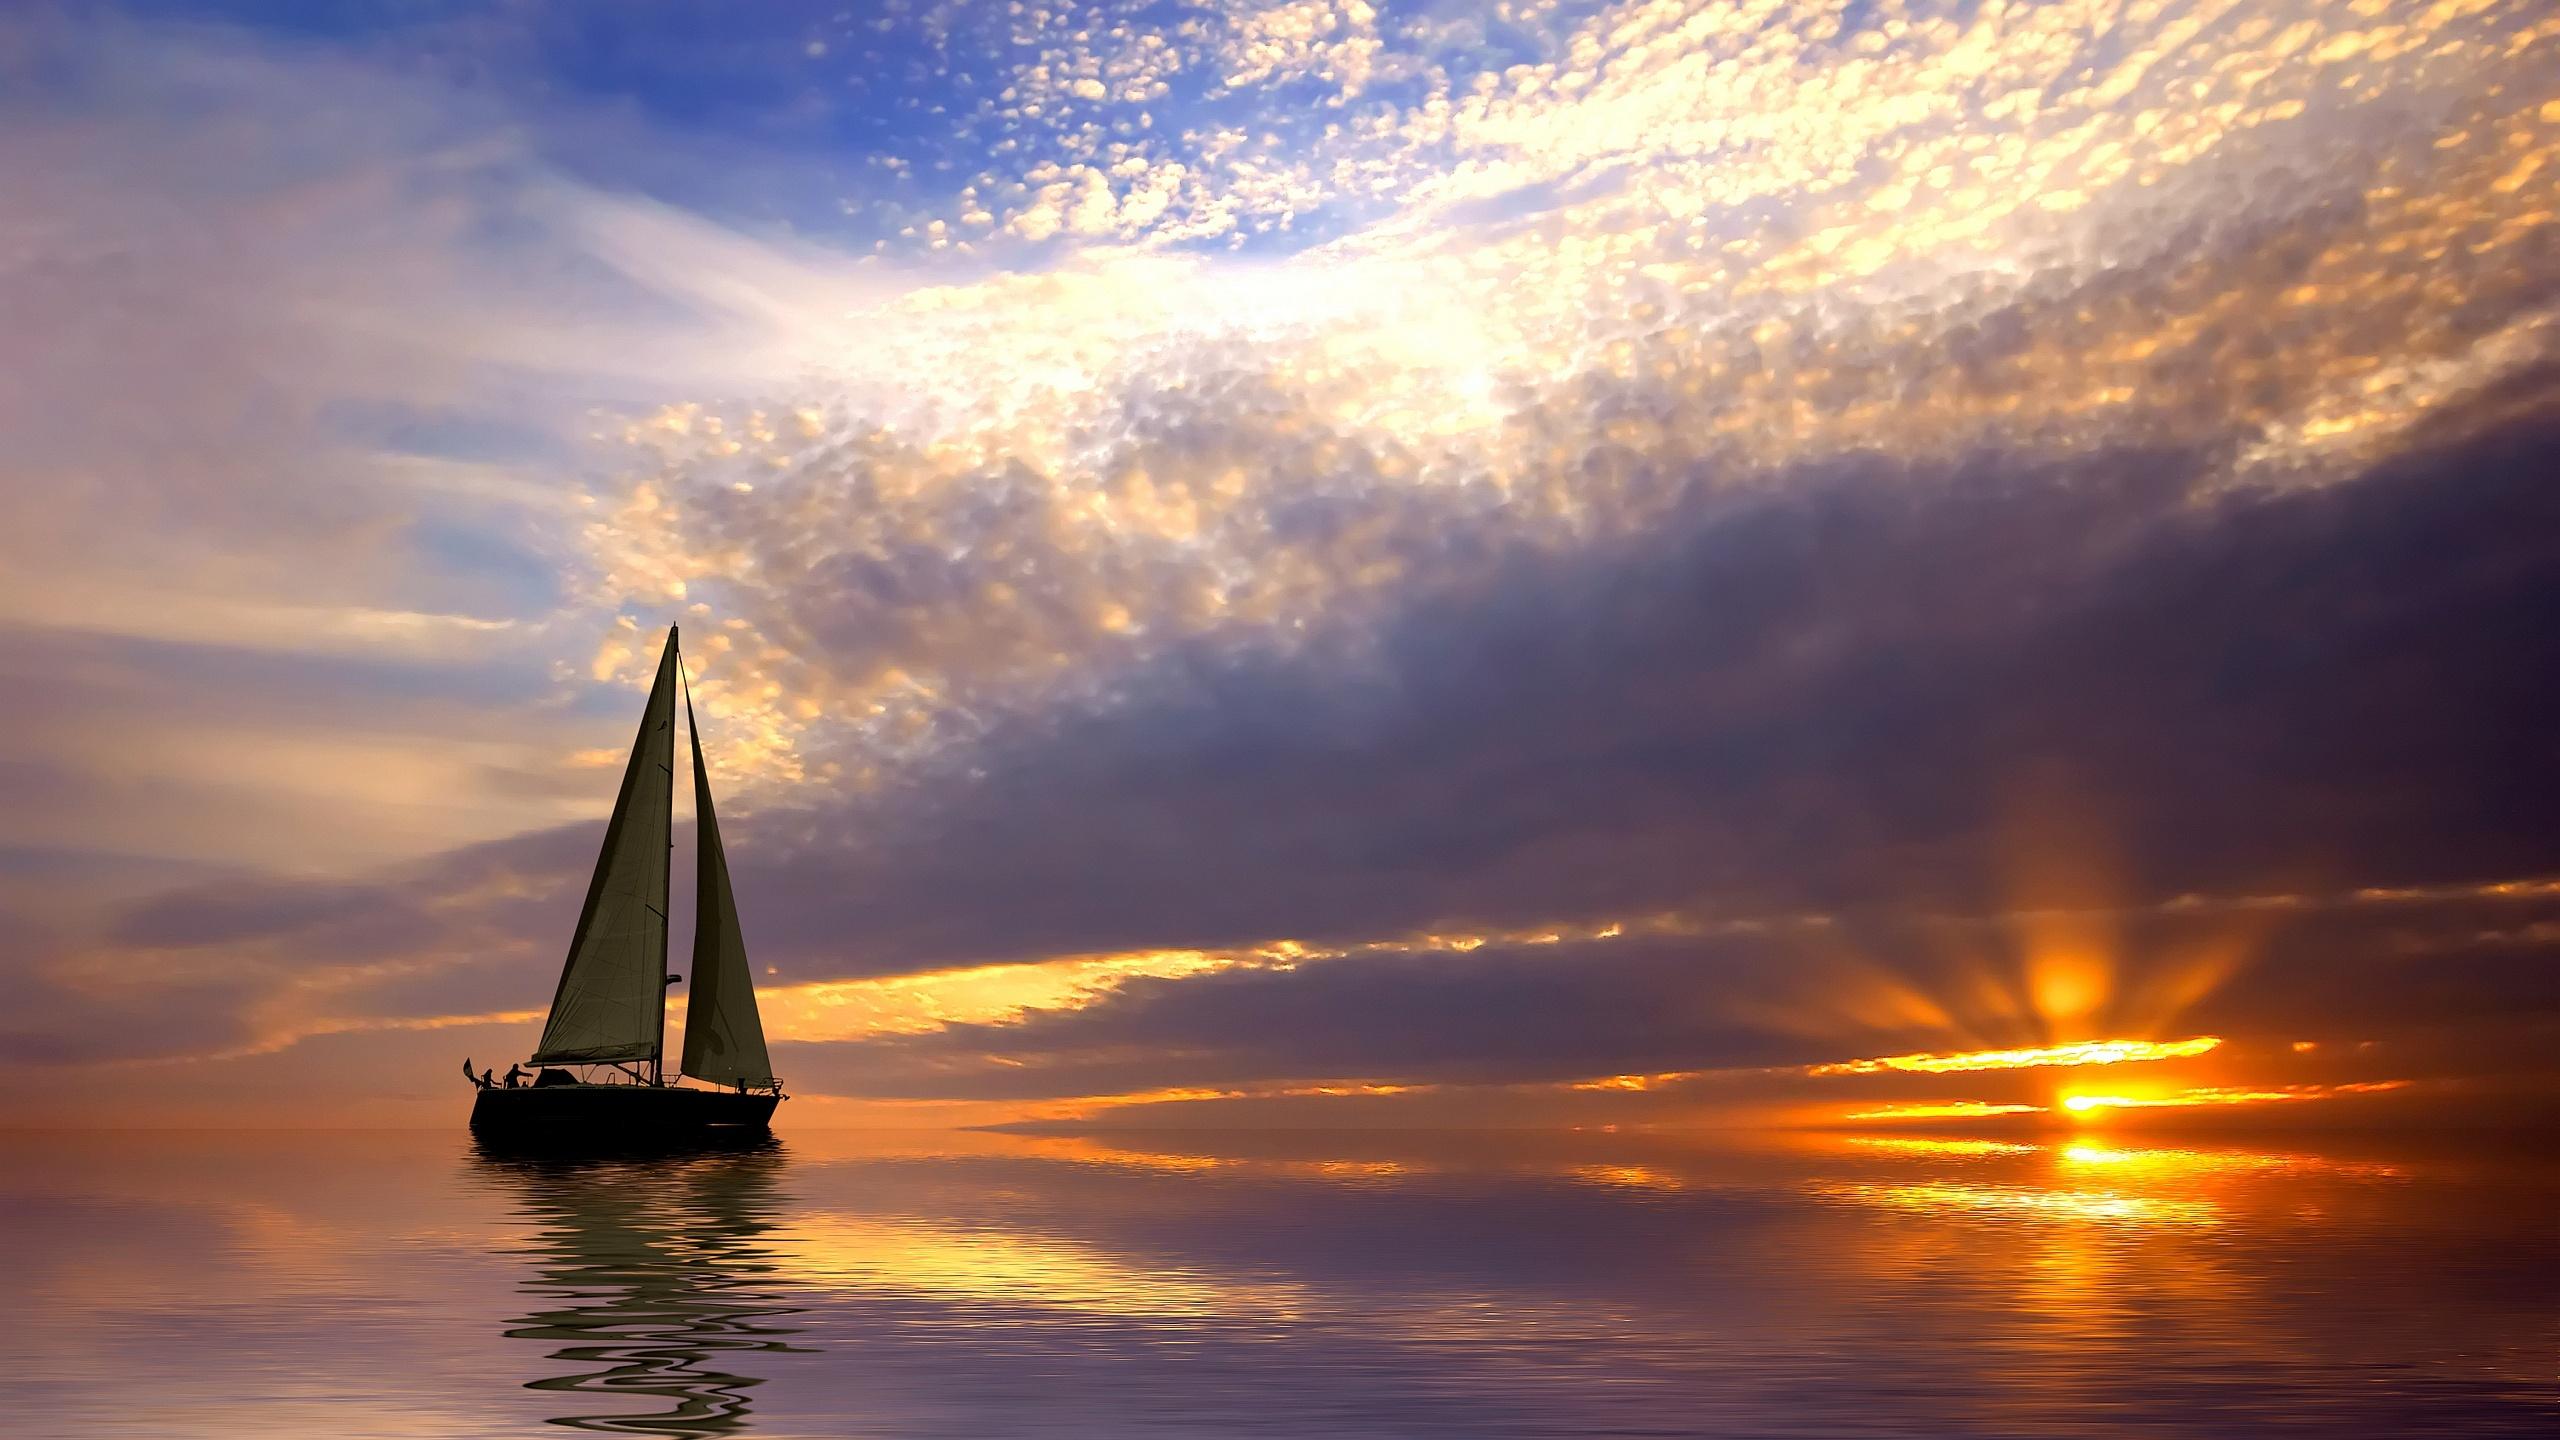 زیباترین سواحل آفریقا